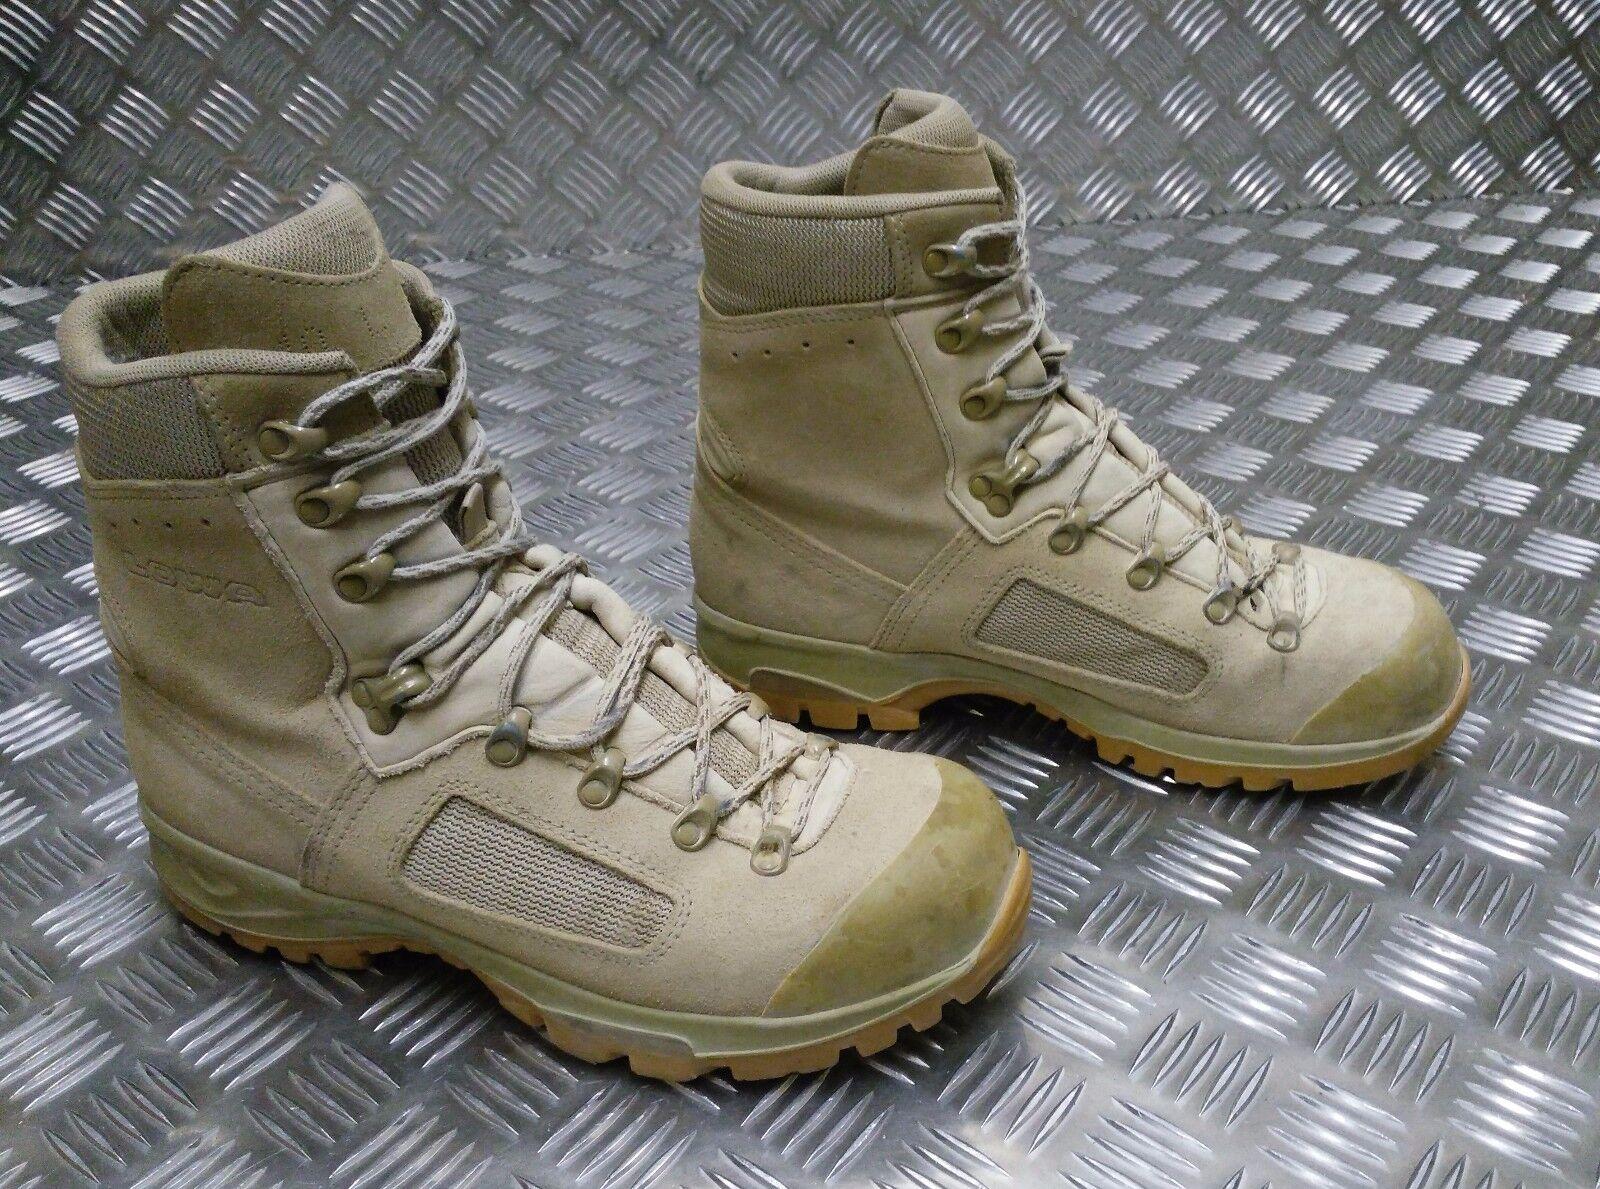 Genuino Ejército Británico LOWA Elite Mod desierto Assault de Issue bota de Assault combate grado 2 ff9600